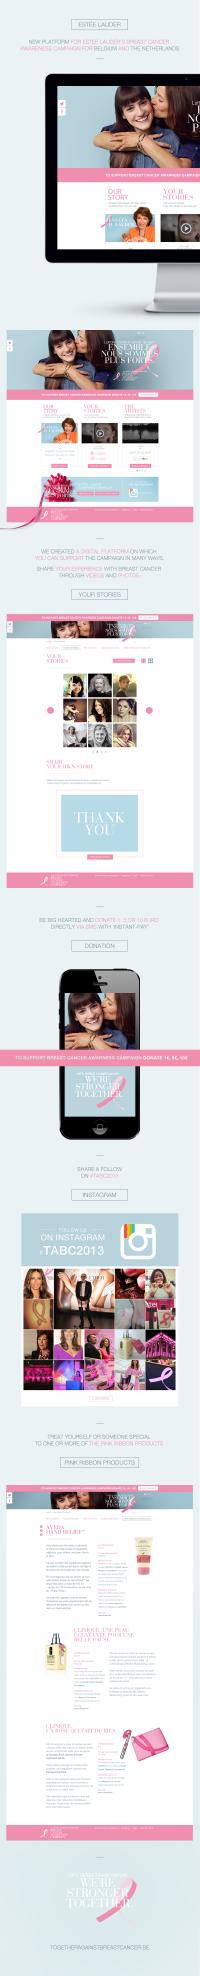 Estée Lauder's Together Against Breast Cancer campaign on